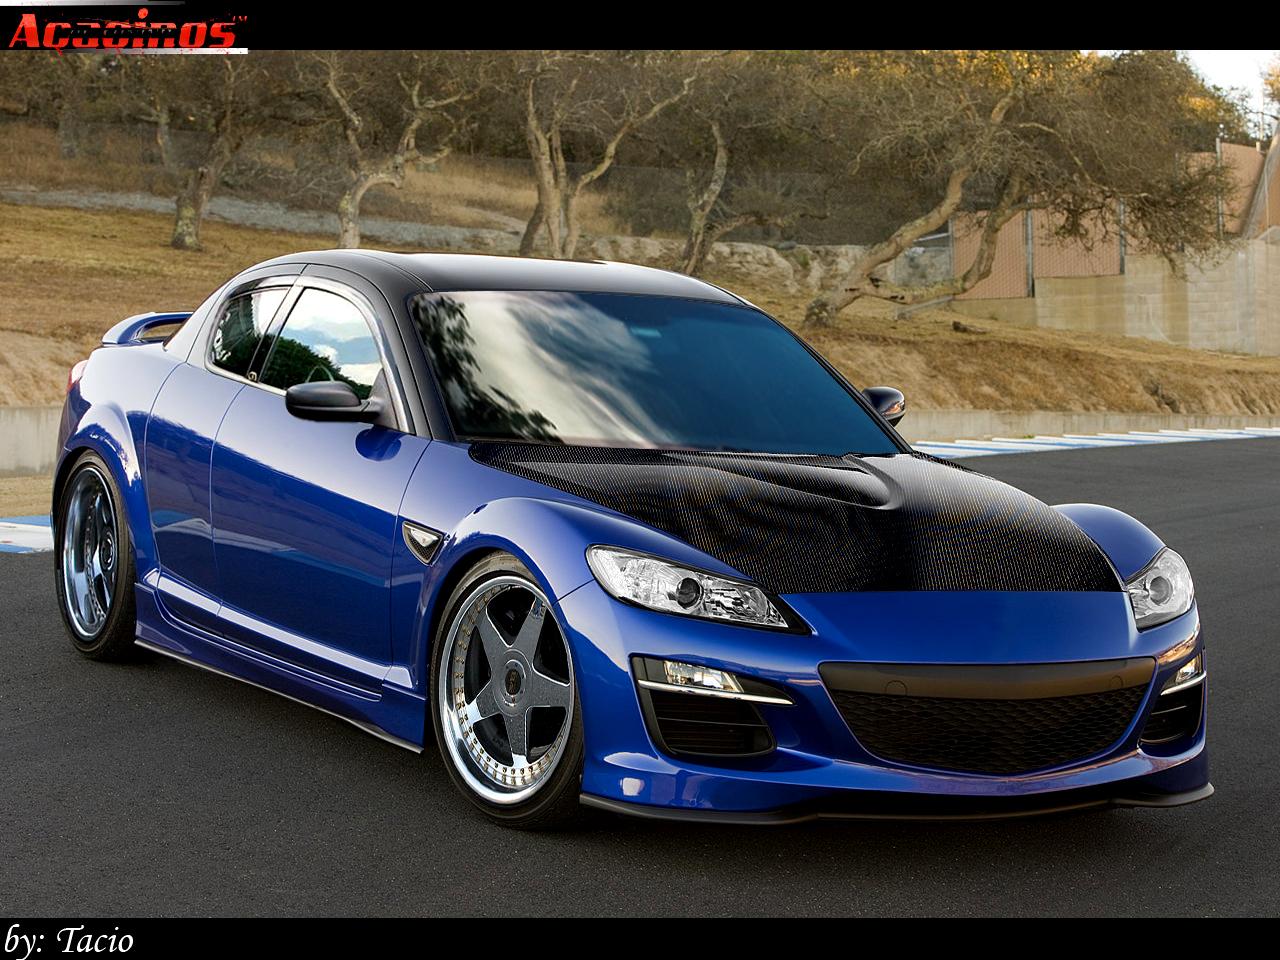 2009 Mazda RX 8 Dingo Art - Car Pictures